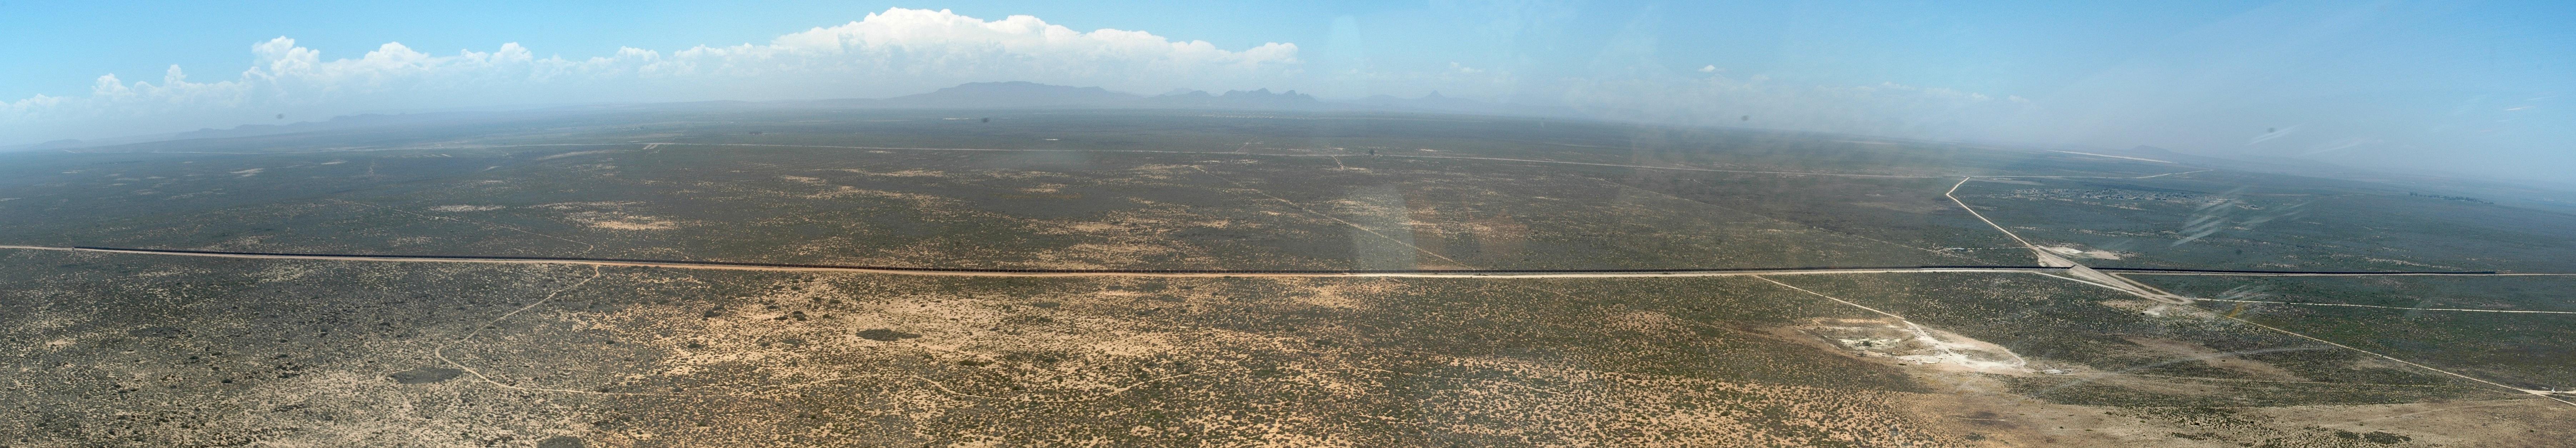 シシェン-サルダナを結ぶ鉄鋼石線の空中写真 (アブリ・レ・ルー氏撮影)